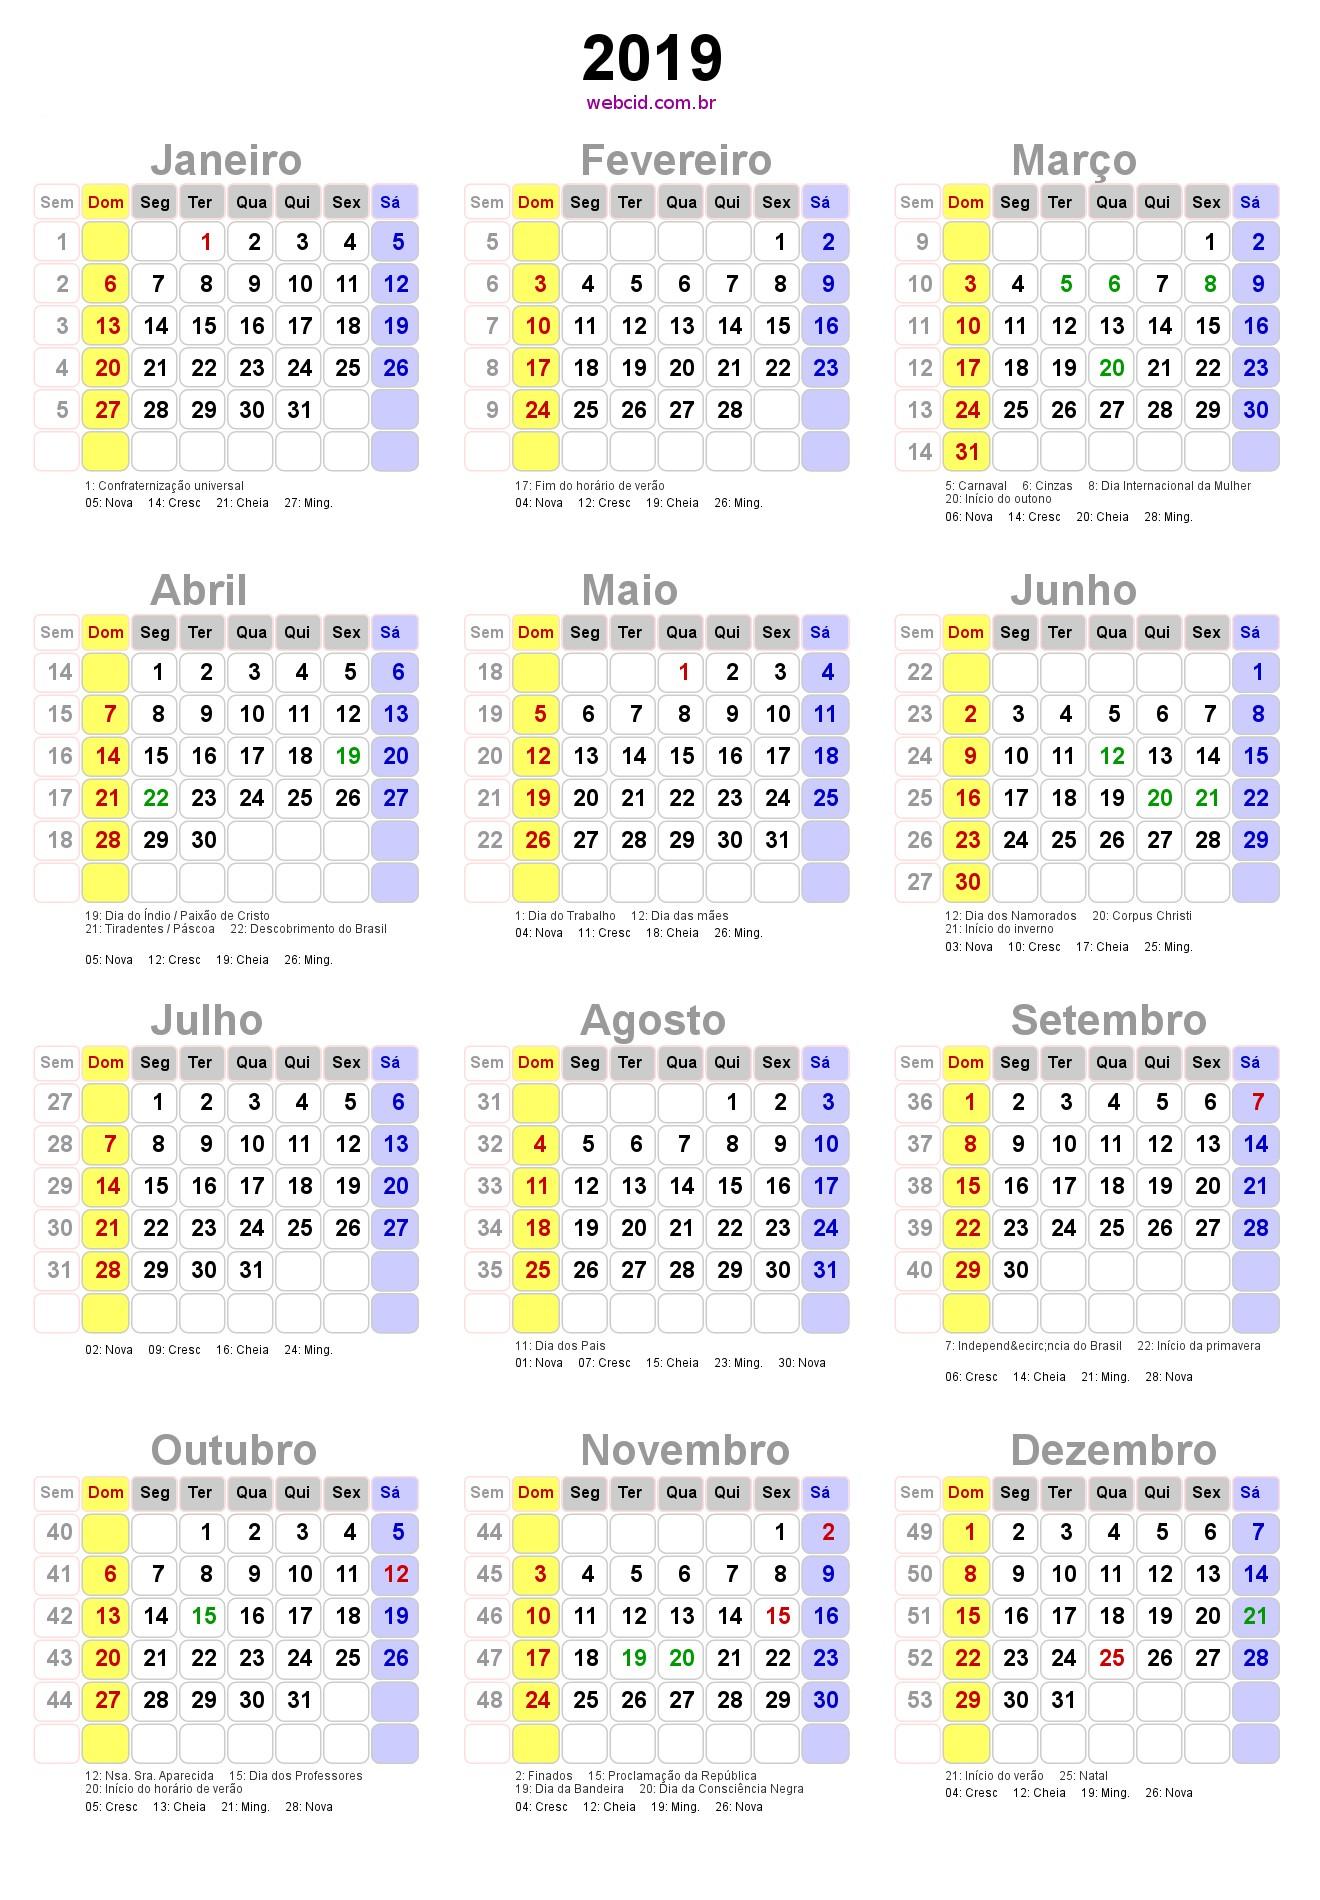 Calendário Dezembro 2017 Para Imprimir Turma Da Monica Más Recientes Resultado De Imagem Para Calendário 2019 Of Calendário Dezembro 2017 Para Imprimir Turma Da Monica Recientes Decoracao De Sala A Turma Da Monica Mediabix Inspira§£o